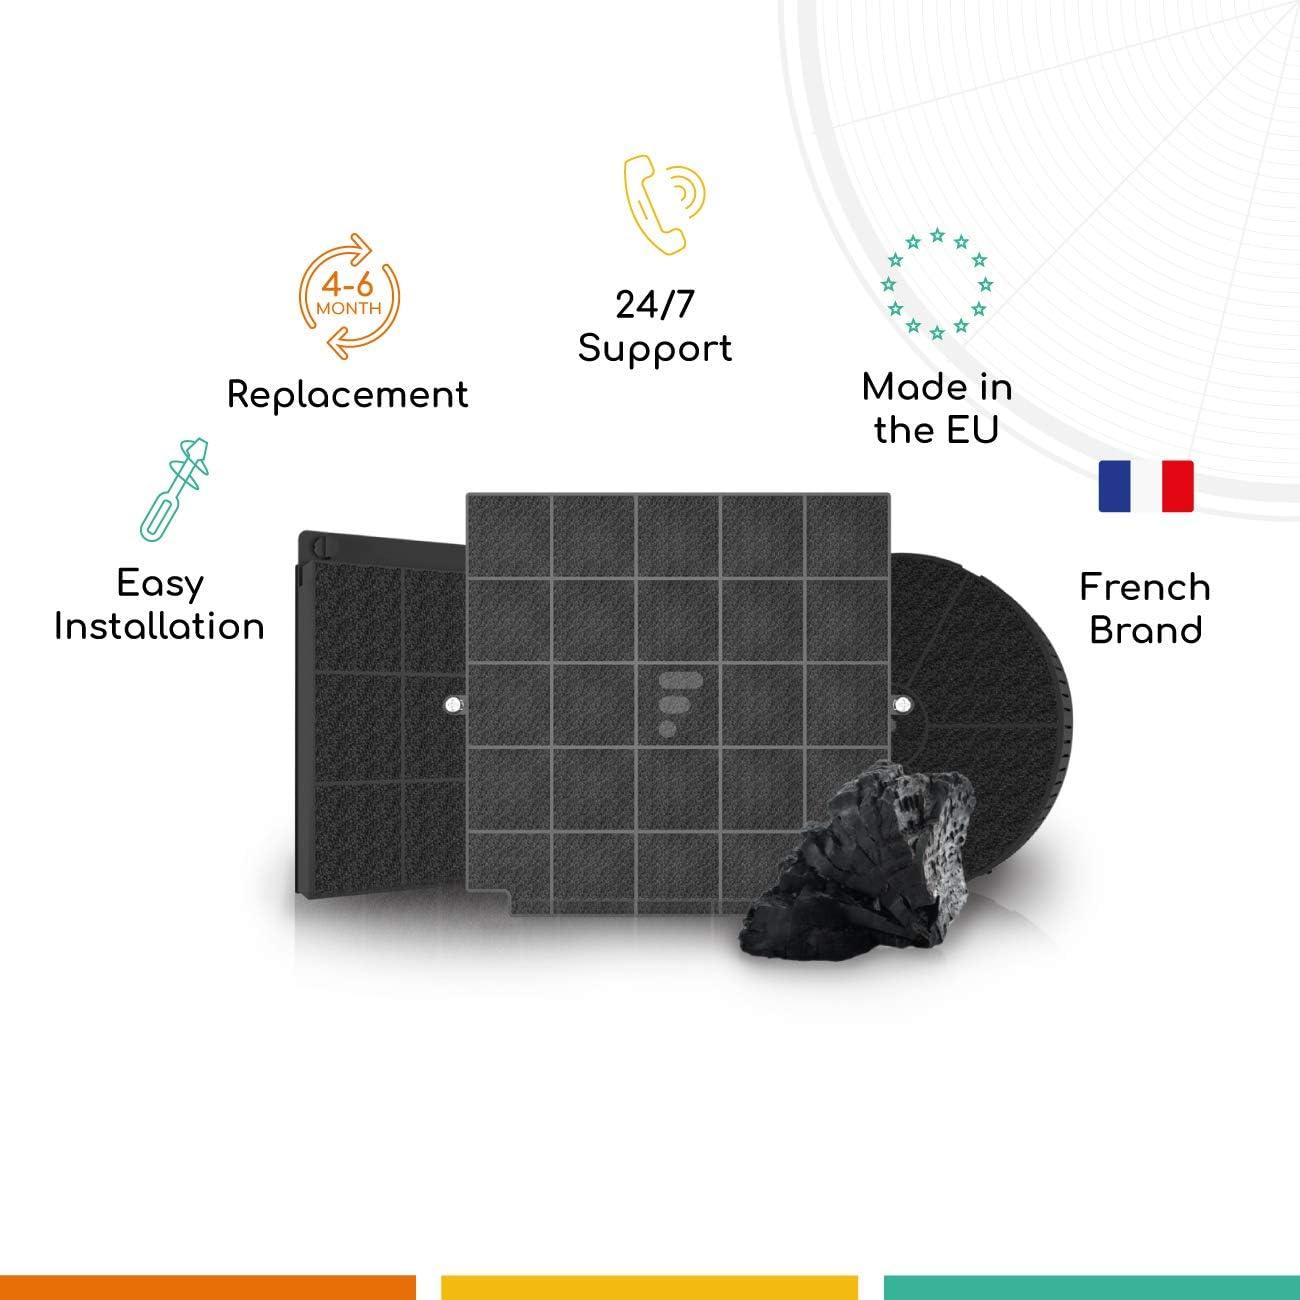 cuk25001 fk00091 Filtre à charbon actif Intérieur Air Filtre BWM 1er 2er 3er 4er O